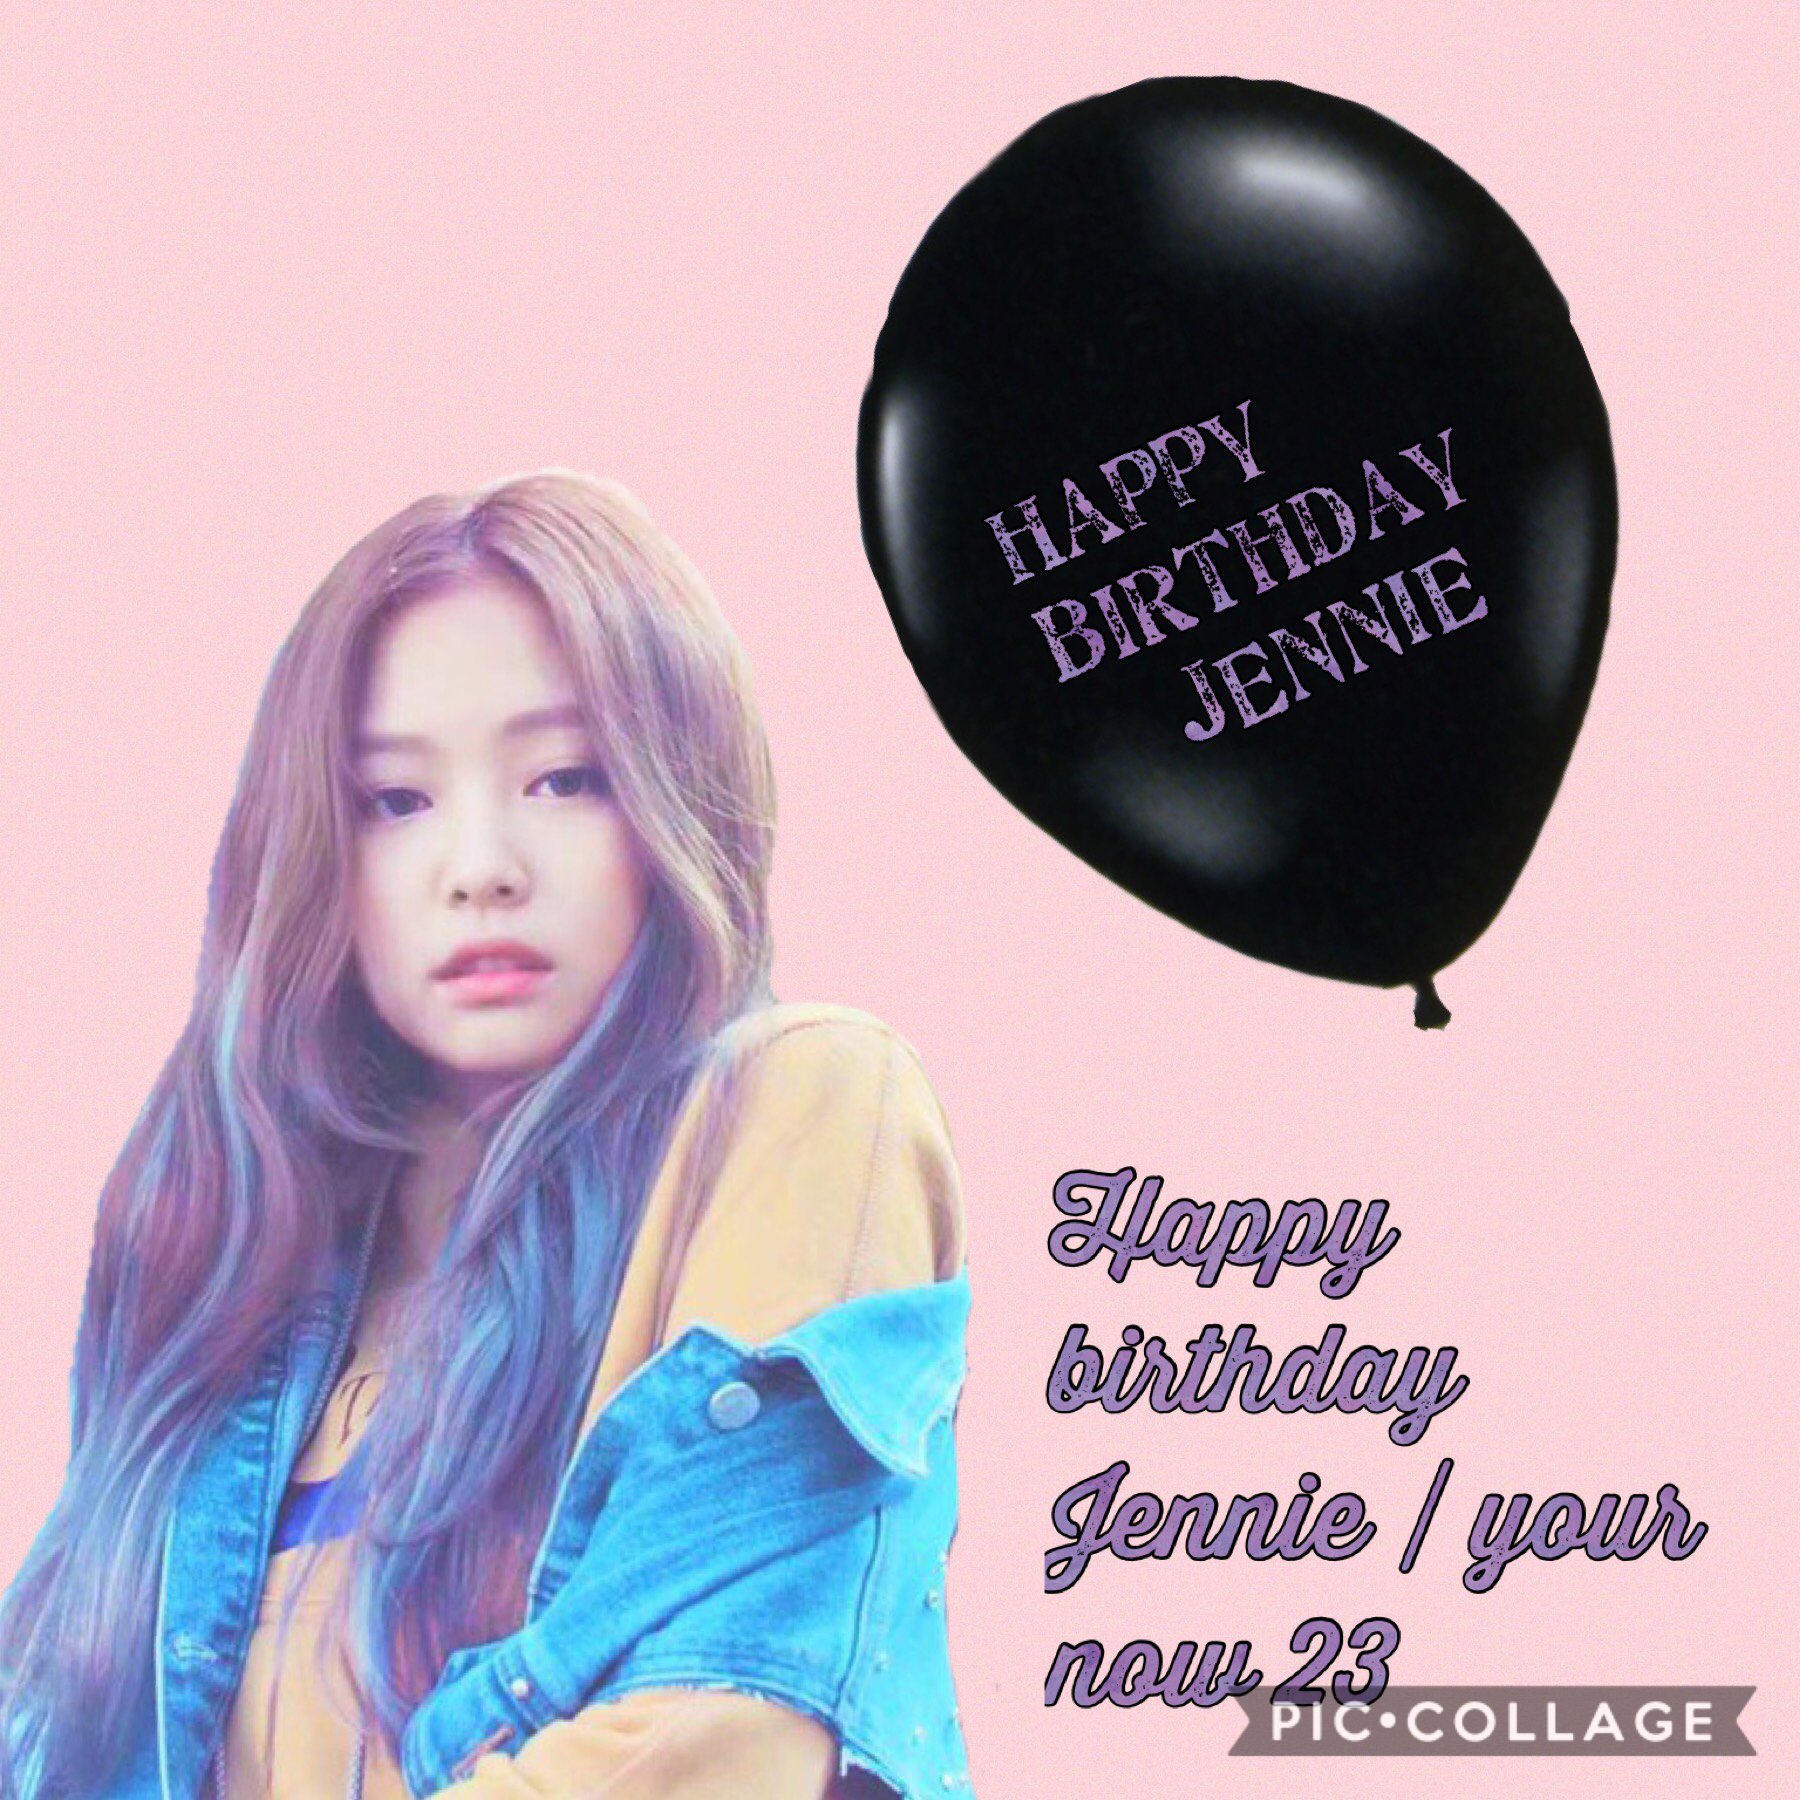 Like if you wish Jennie a happy birthday